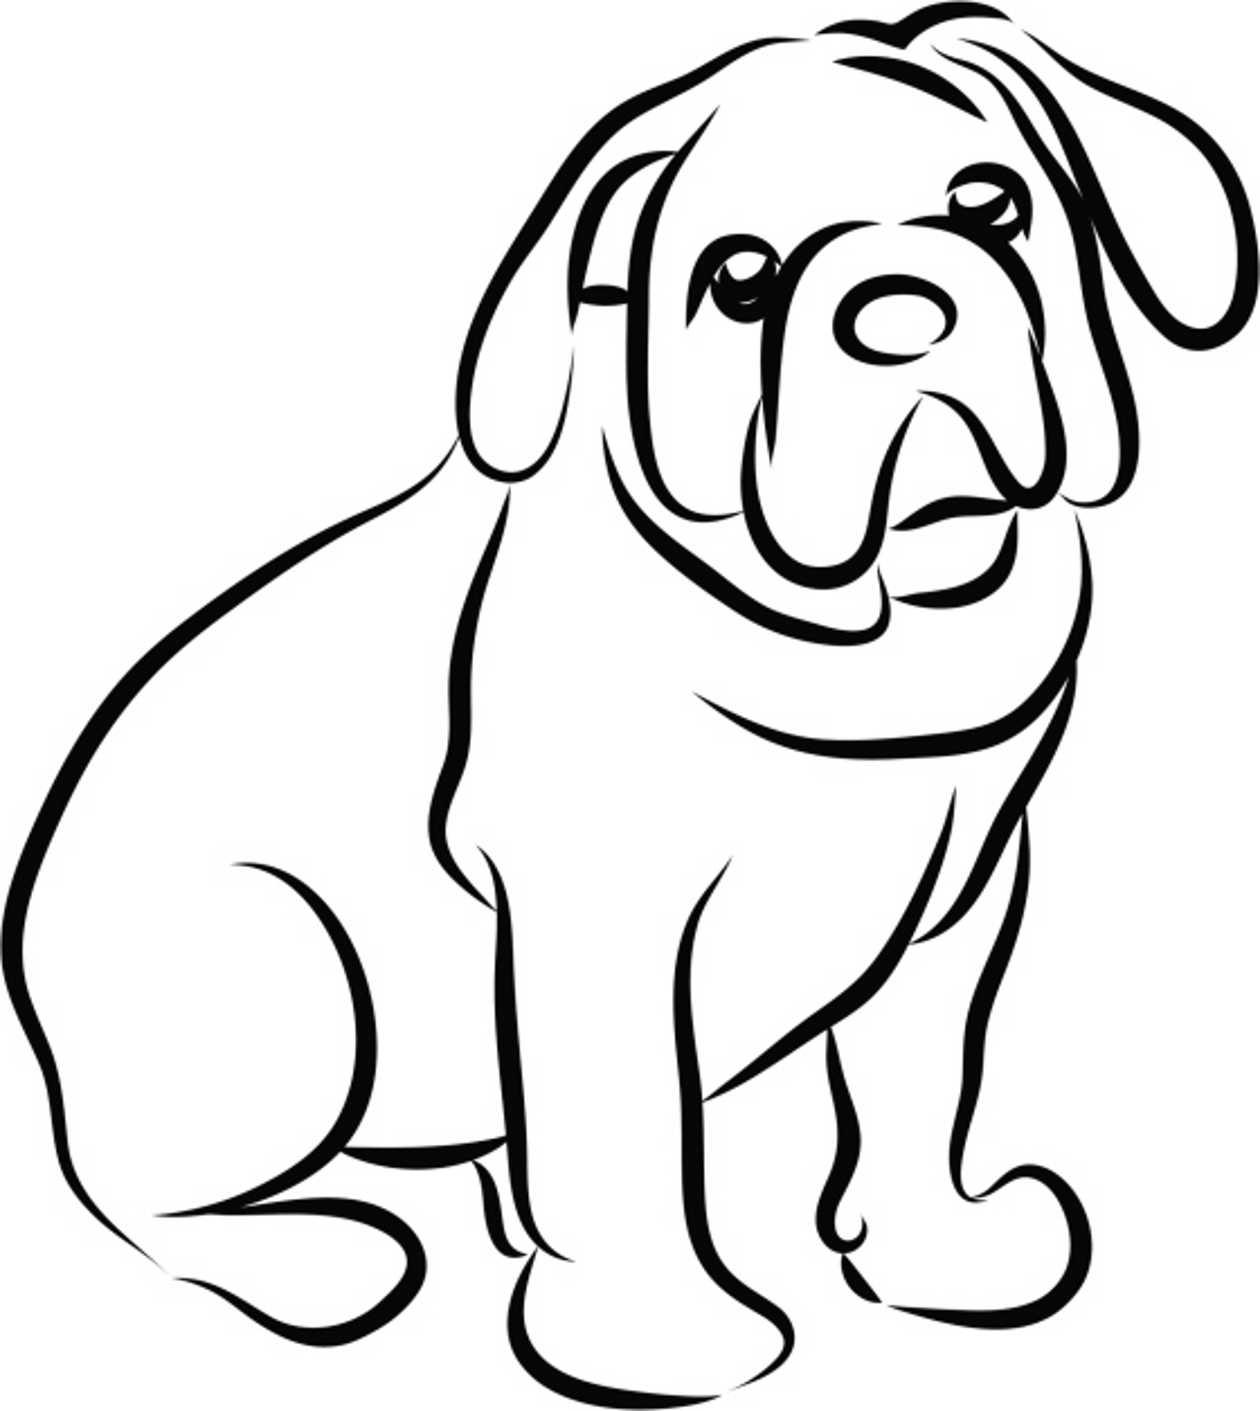 Dibujos de perros para colorear e imprimir gratis for Imagenes de cuadros abstractos para colorear